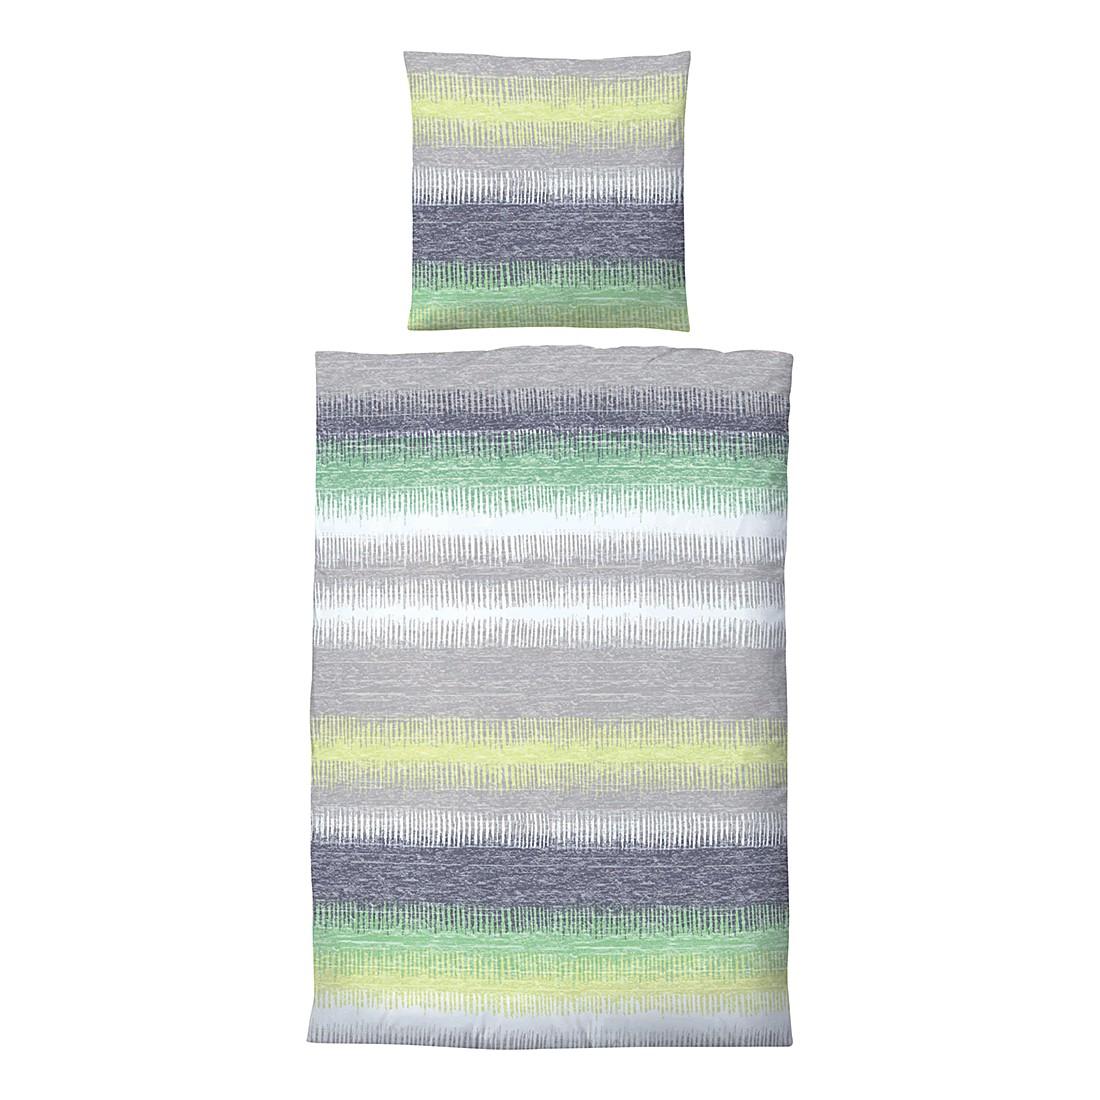 Winter-Soft-Seersucker Bettwäsche Charlotte – Grün – 135 x 200 cm + Kissen 80 x 80 cm, Biberna jetzt kaufen